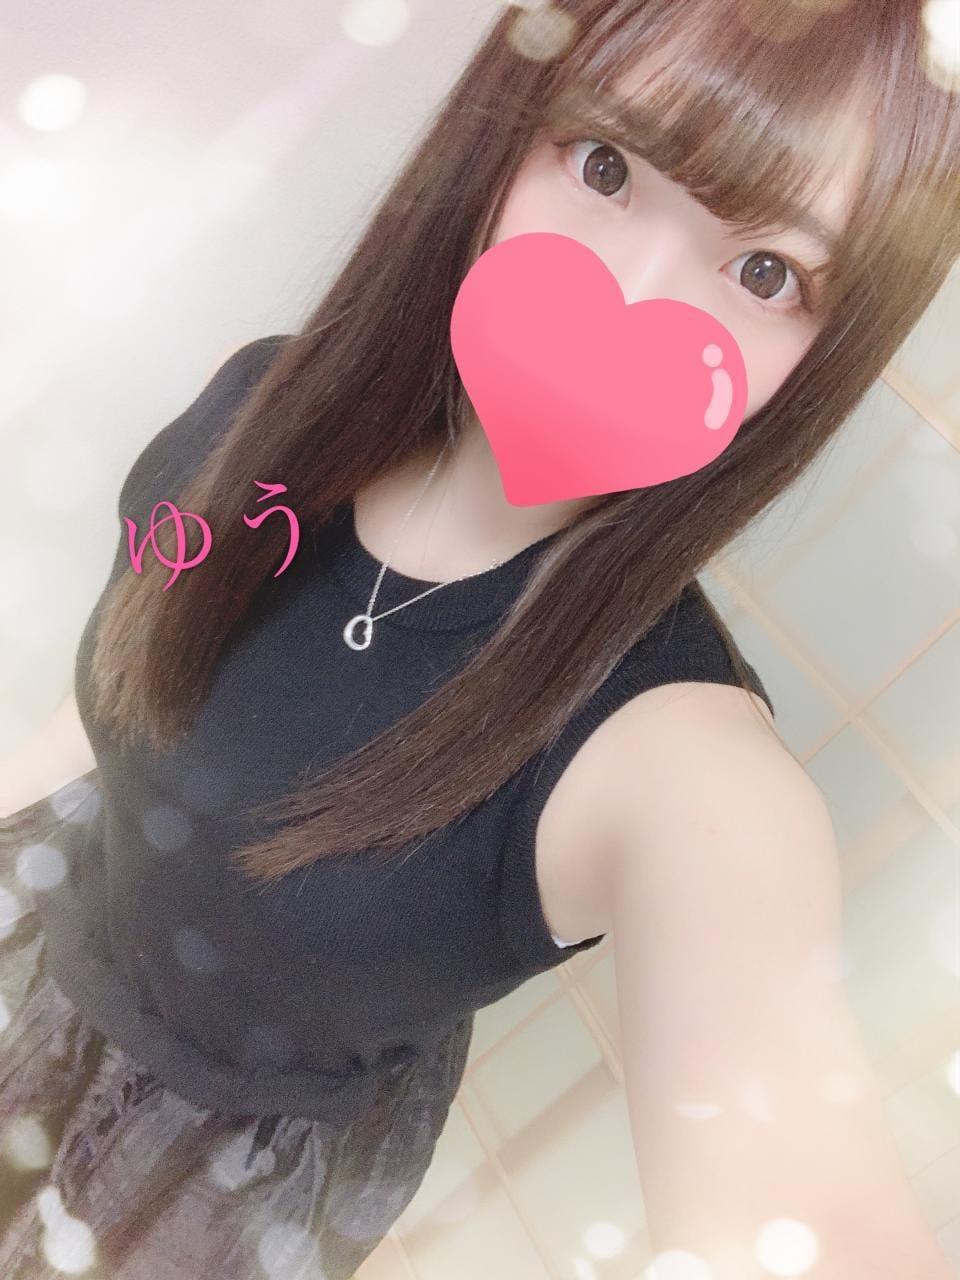 「予約完売ありがとう」06/18(06/18) 04:20 | ☆ゆう(19)☆の写メ・風俗動画